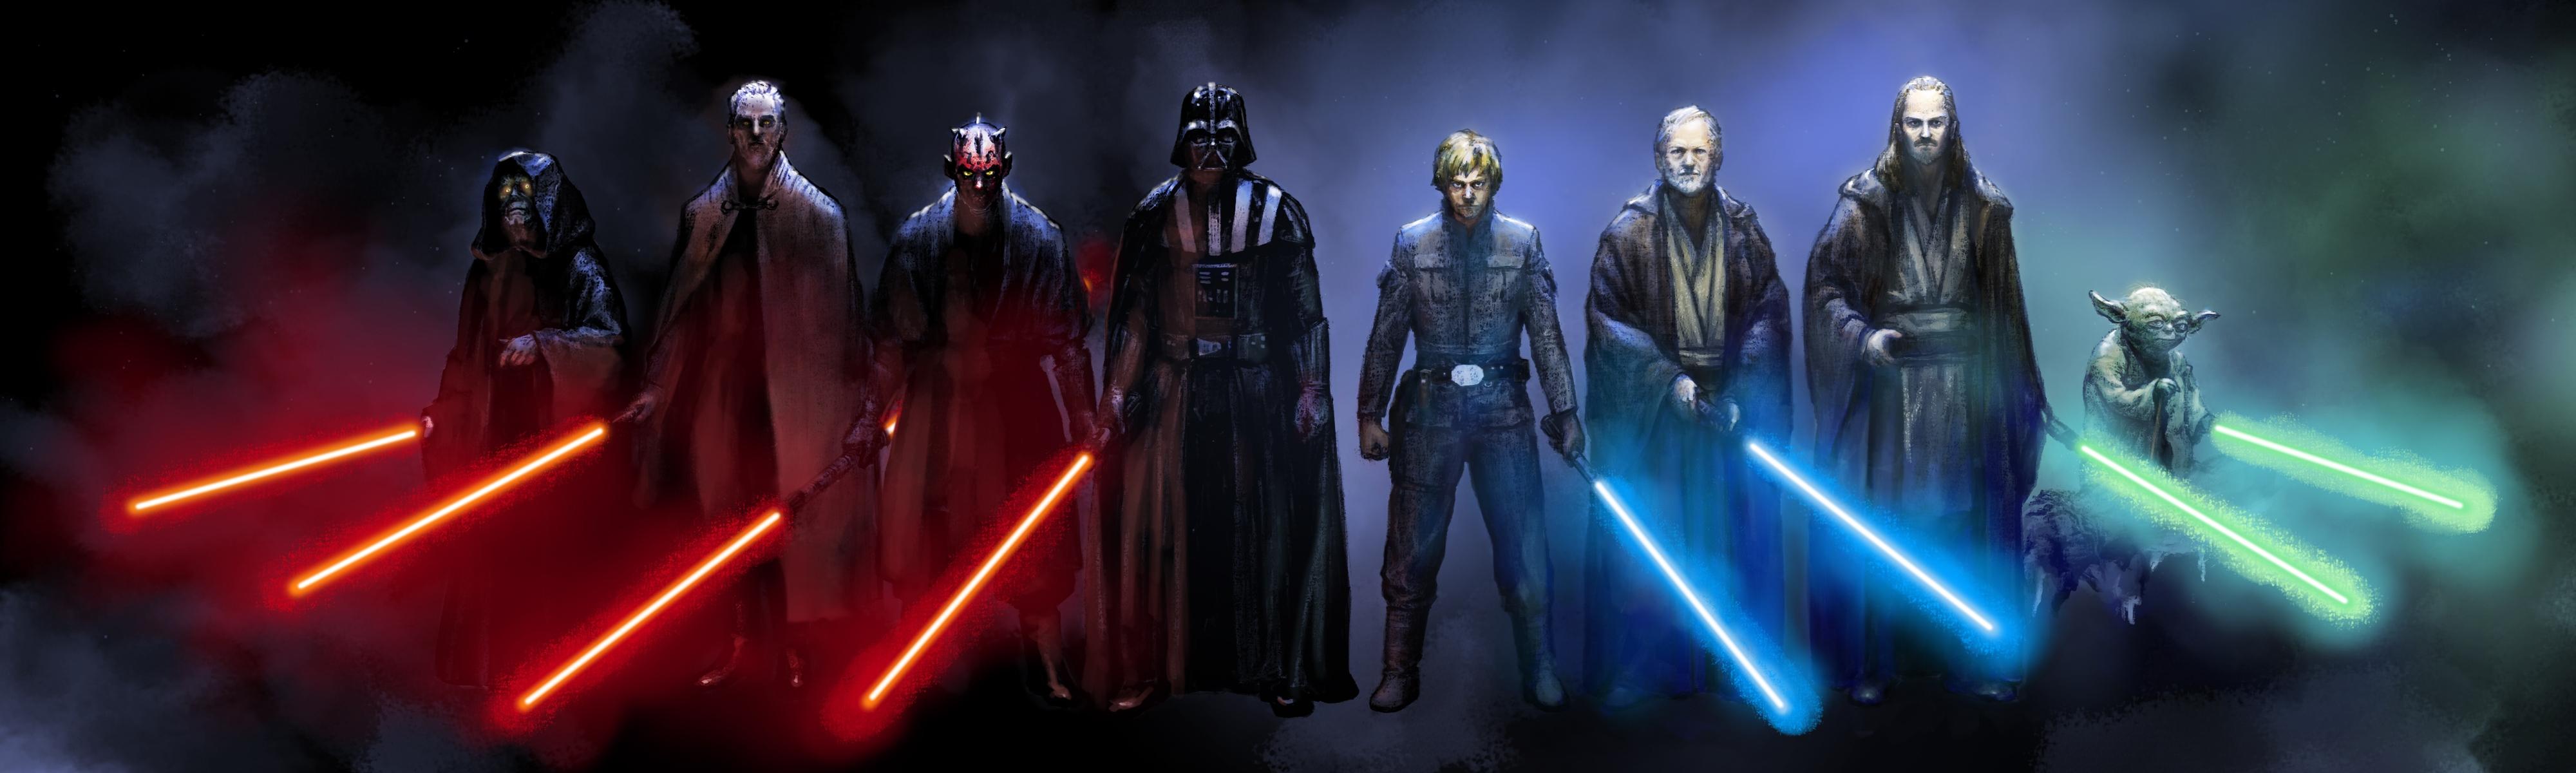 Star Wars Jedi Vs Sith Wallpaper 8 4000x1200